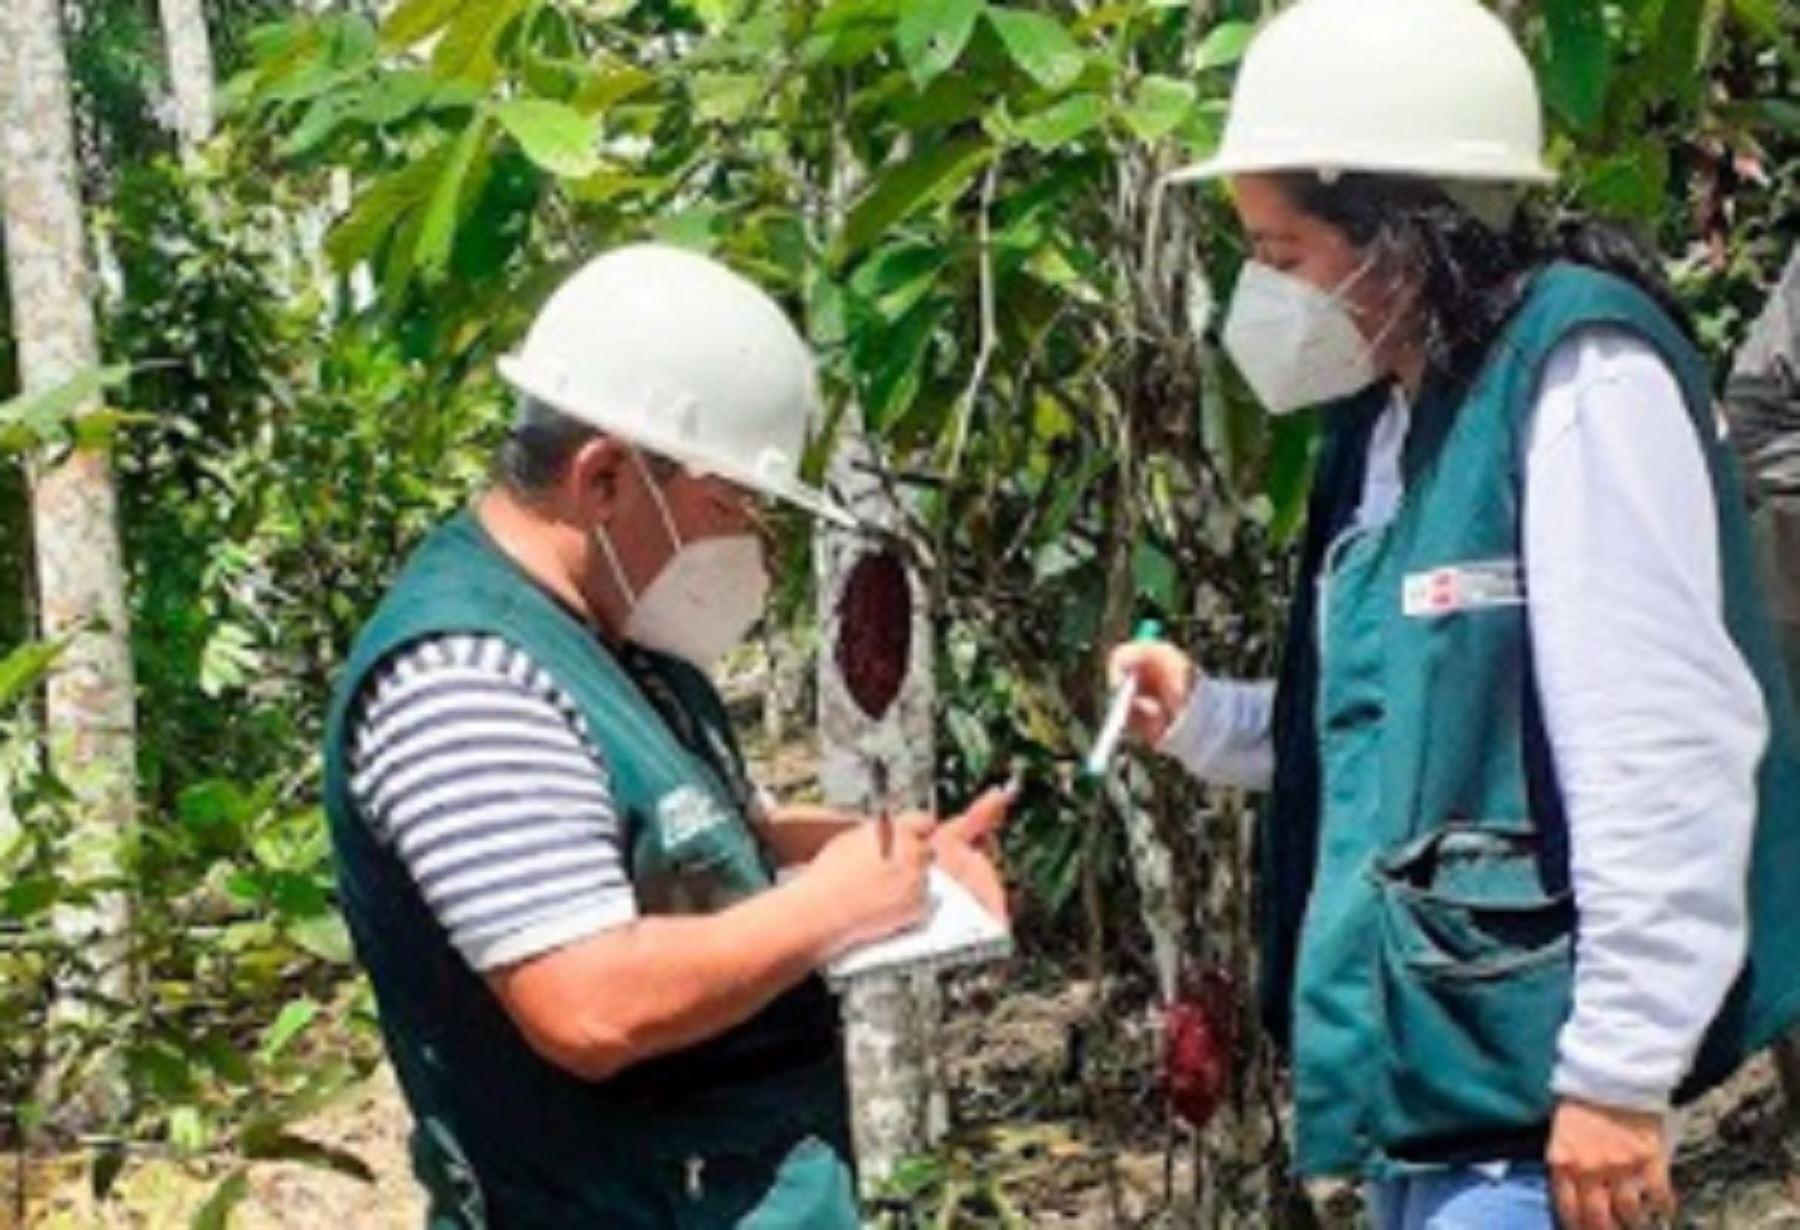 """El proyecto de investigación """"Maderas 3"""", emplea la silvicultura para promover un manejo sostenible en estas zonas forestales, así como proponer alternativas para la recuperación y rehabilitación de estas áreas dañadas a través de plantaciones forestales y agroforestales, entre otras."""